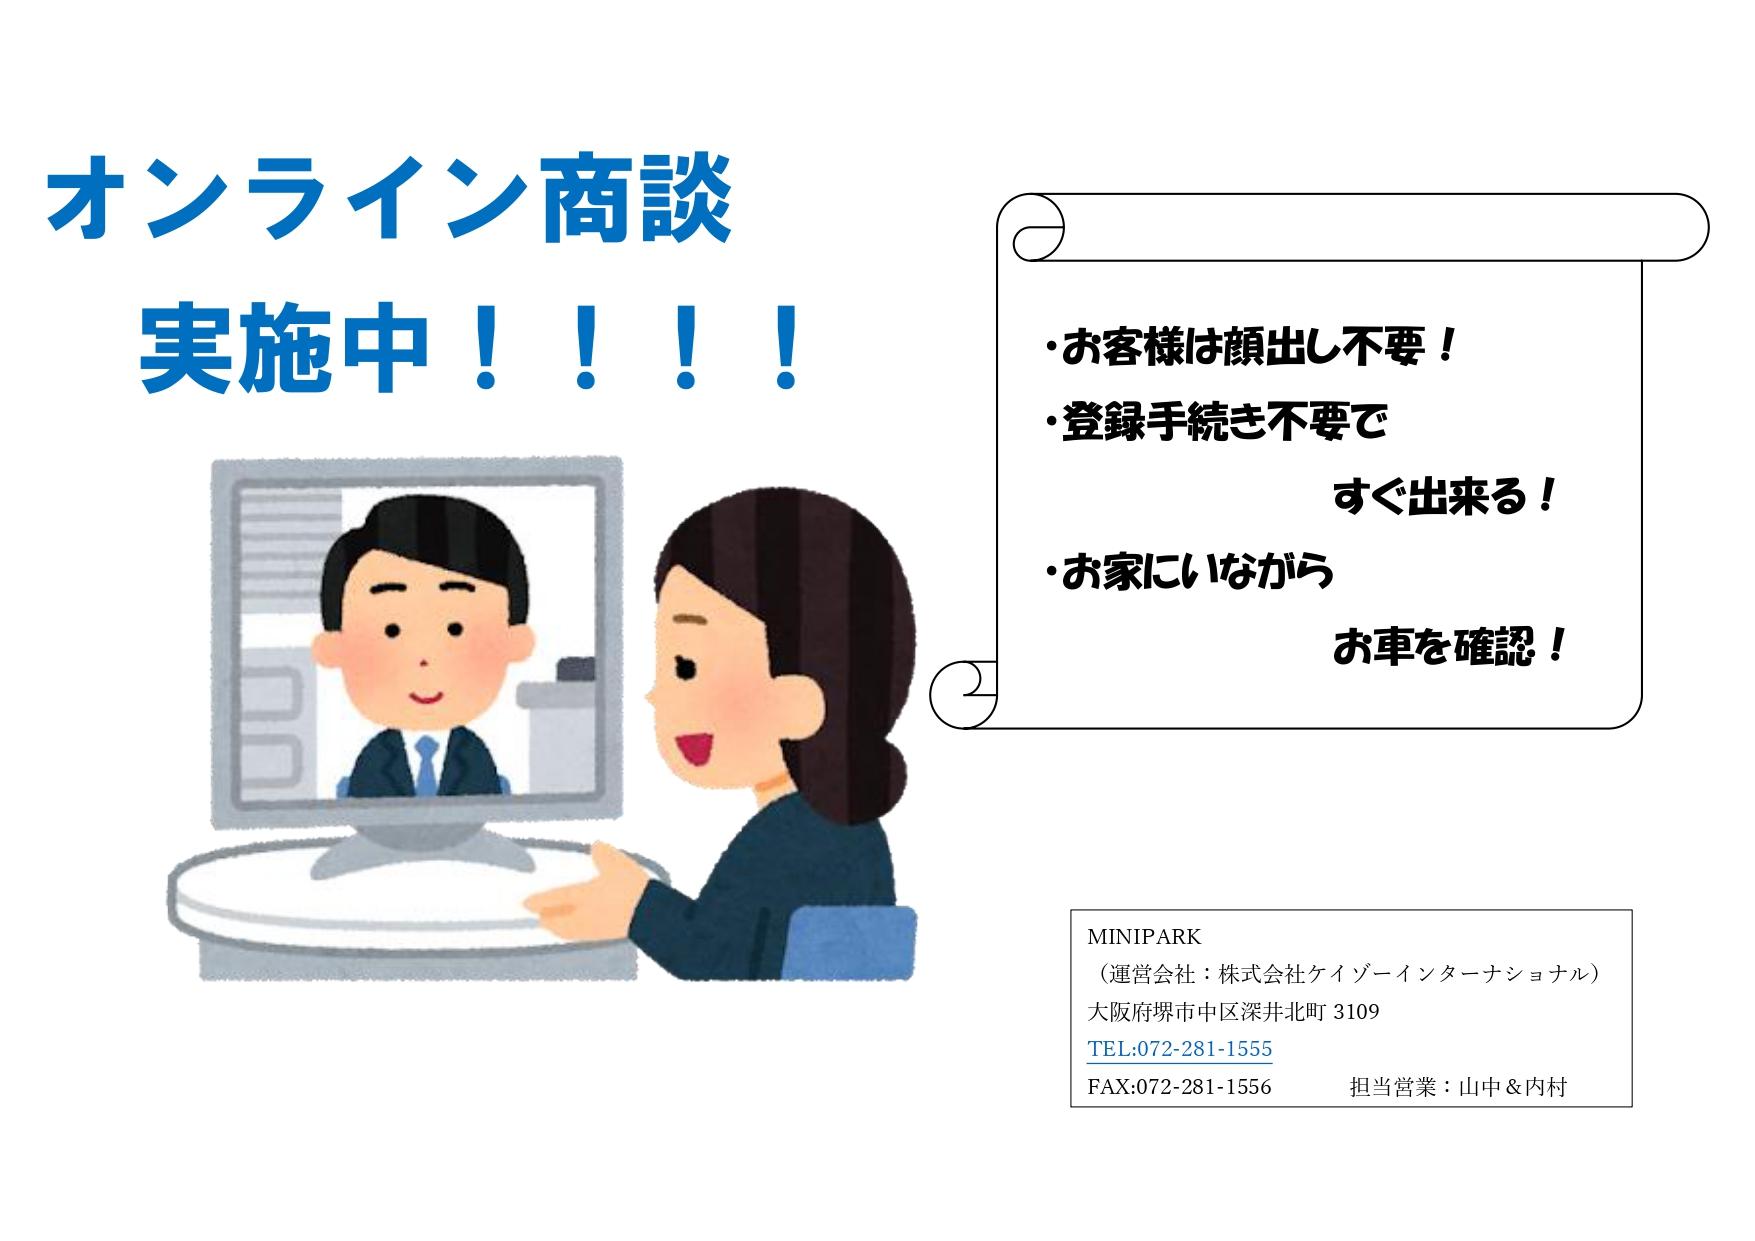 MINIPARKではオンライン商談も実施中!!